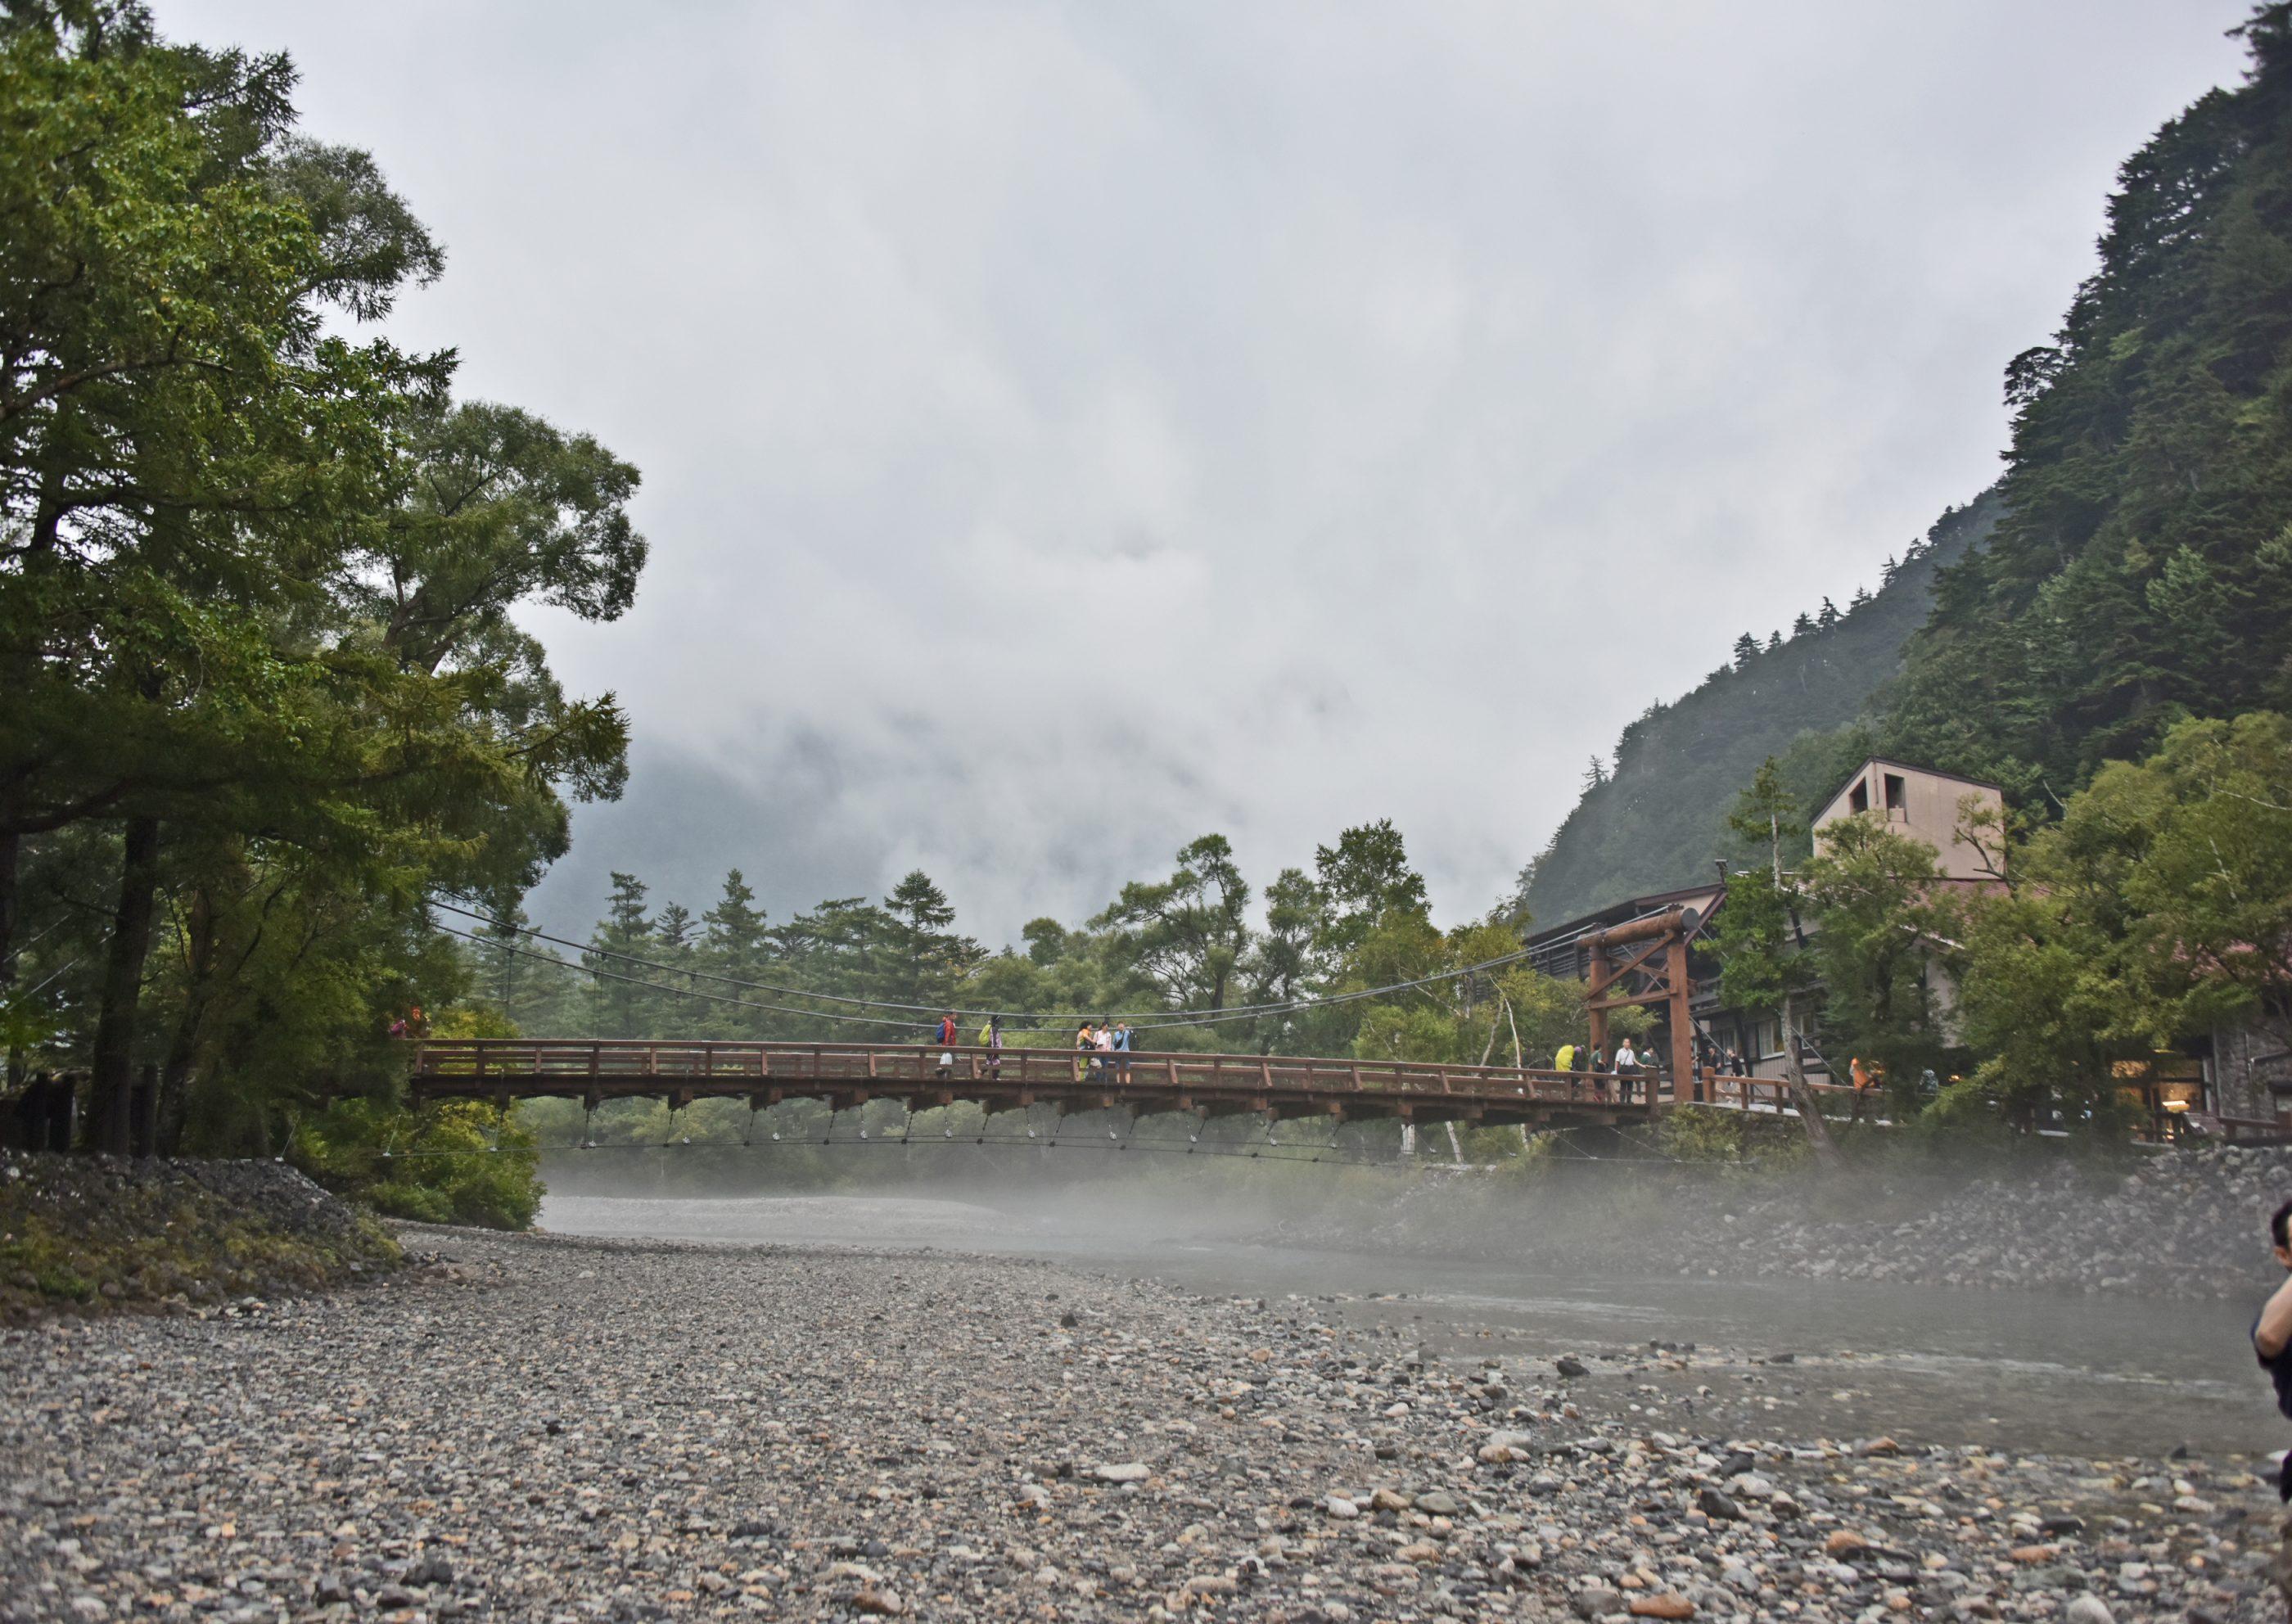 ⇑ 河原におりてみる河童橋。橋の下にも雲が、間もなく雨。